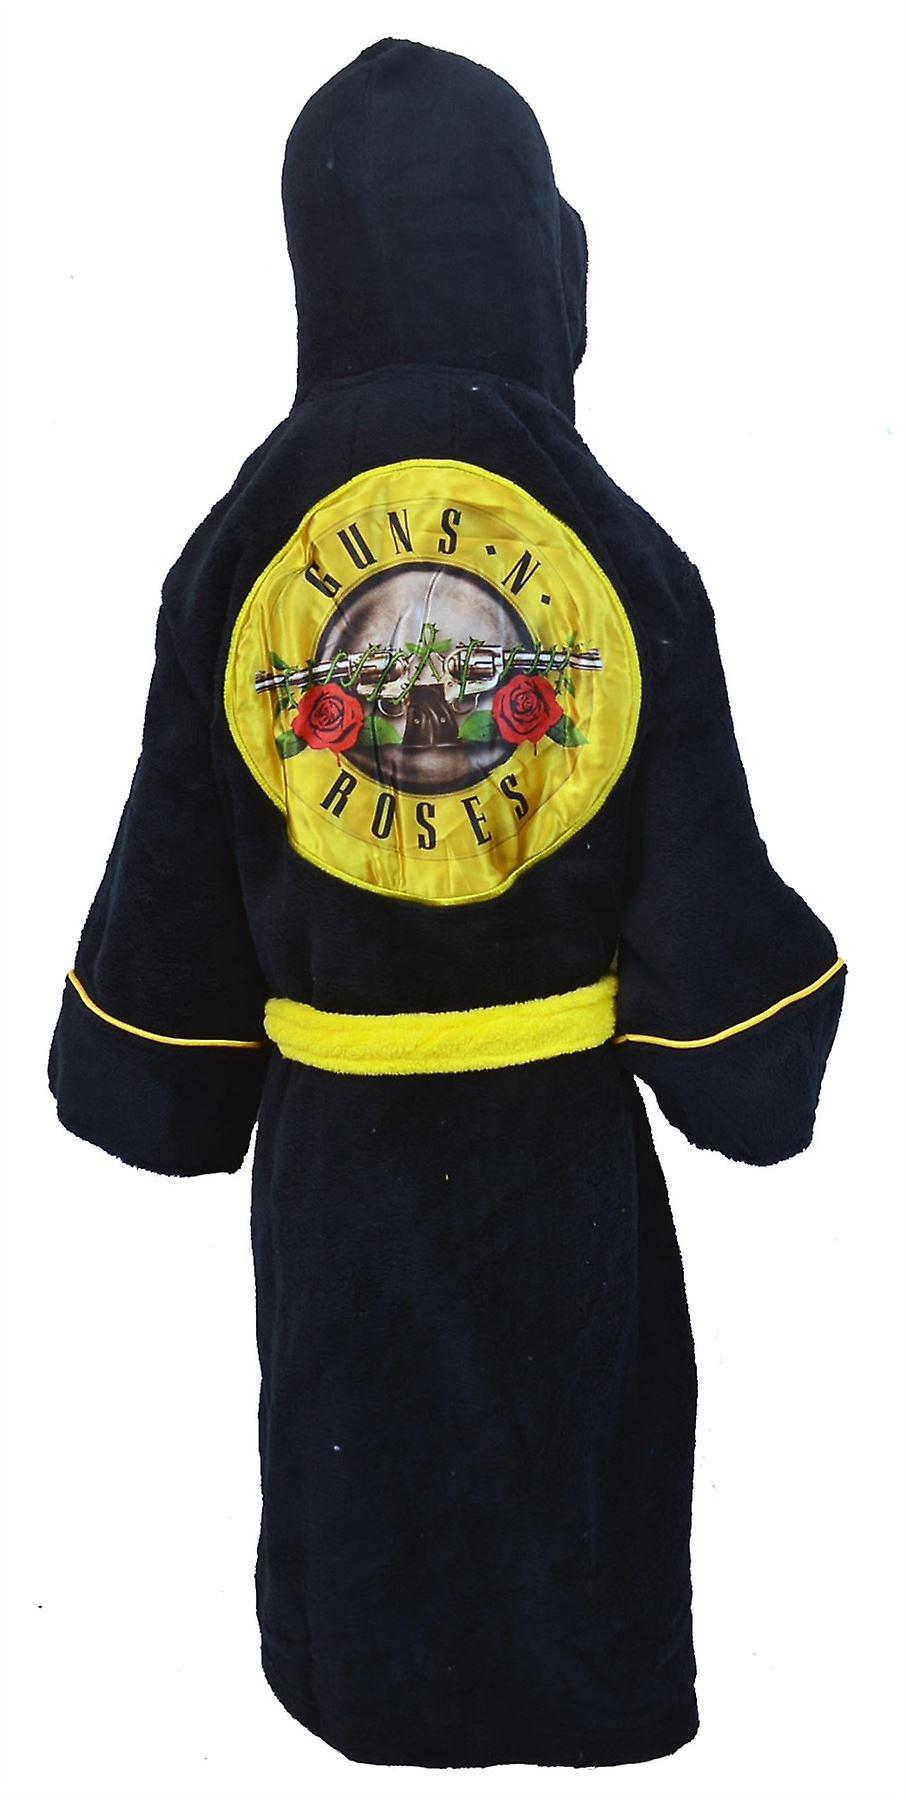 Guns and Roses Kids Dressing Gown / Bathrobe (boys girls children's child' robe) - Large